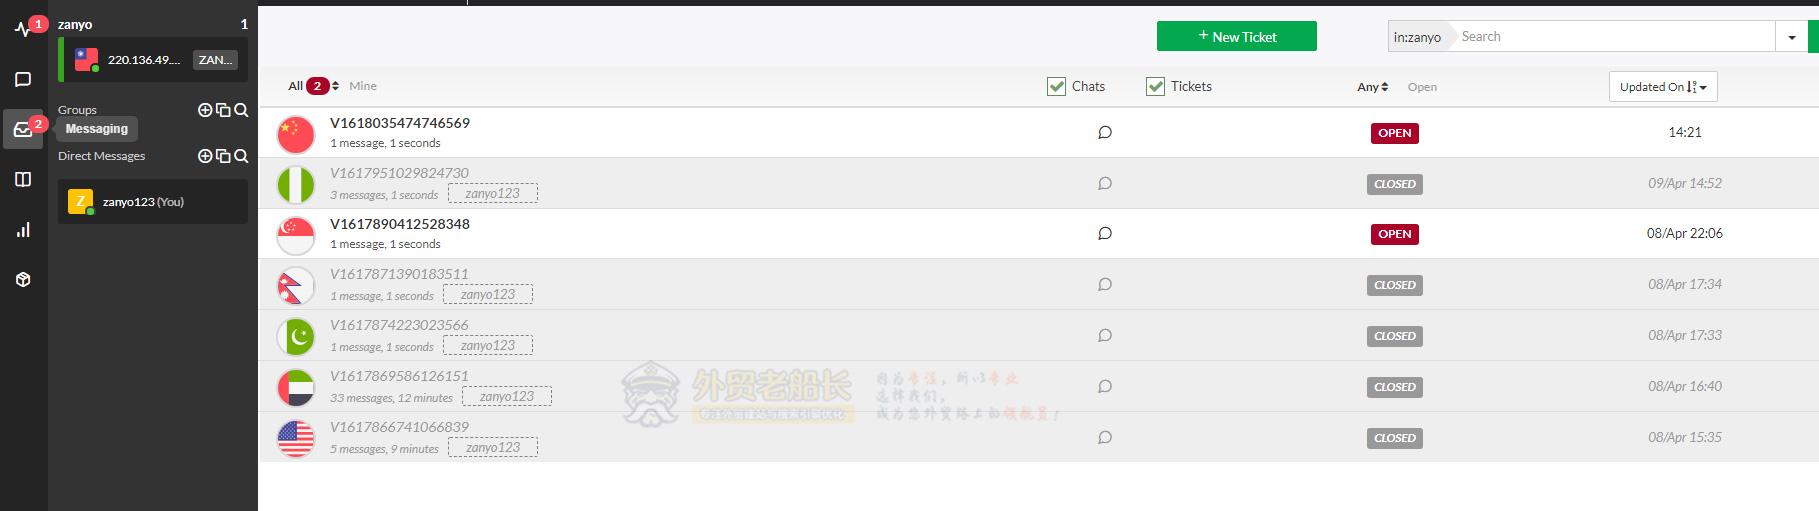 外贸网站在线聊天软件使用介绍-外贸老船长-Messaging-03